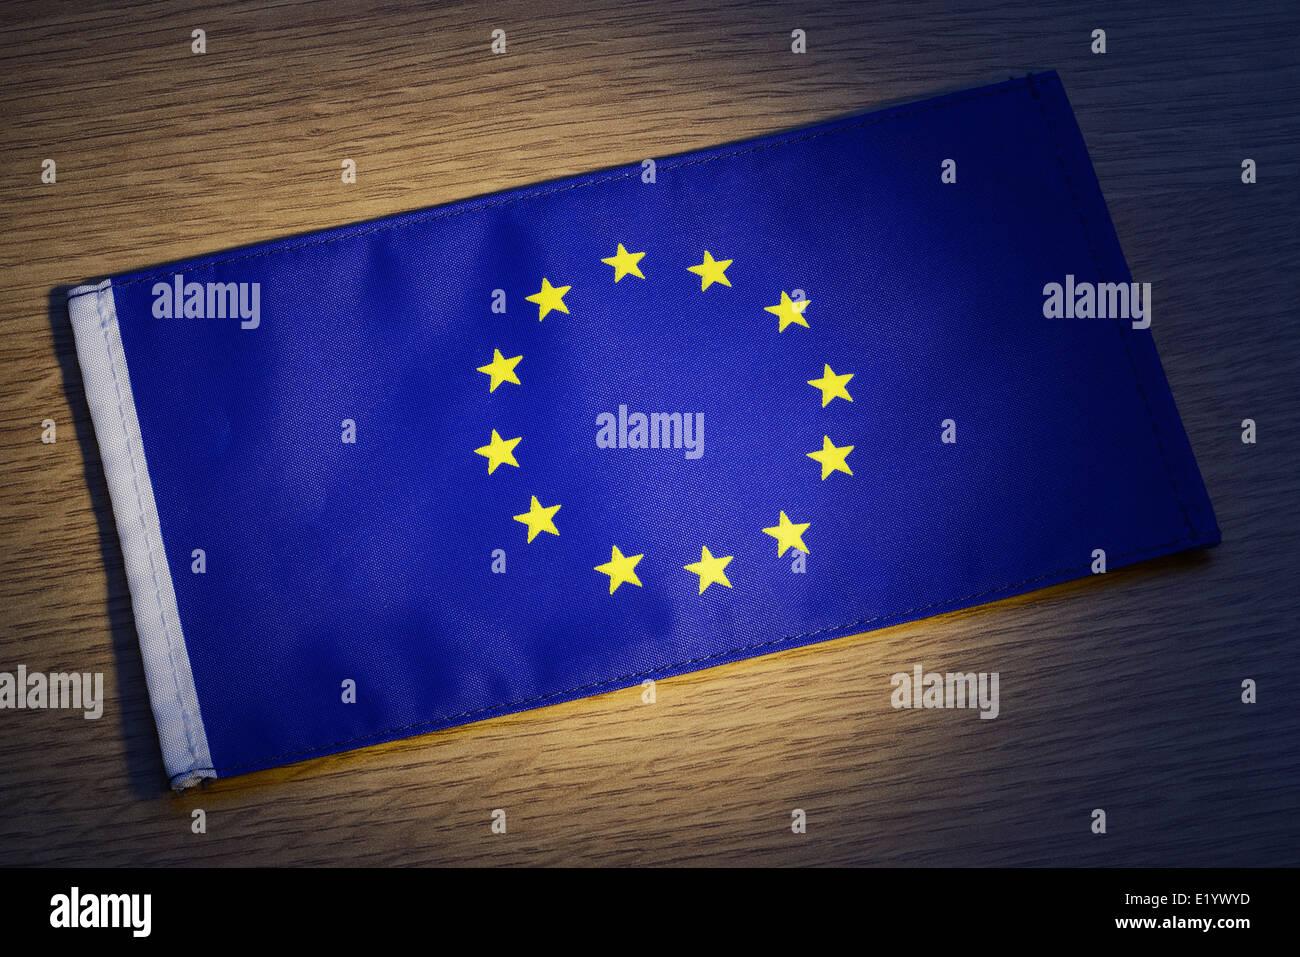 EU flag - Stock Image